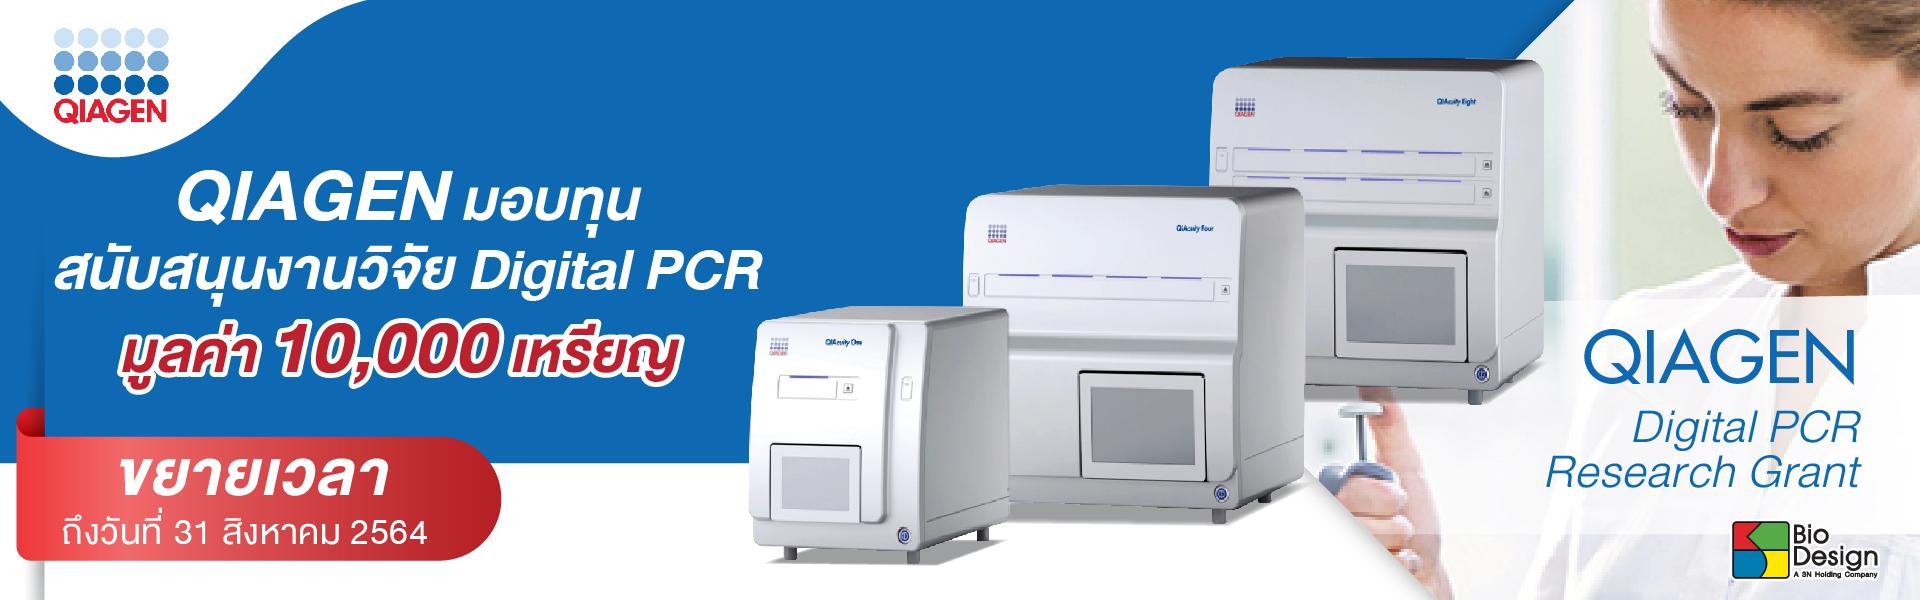 QIAGEN Digital PCR Research Grant